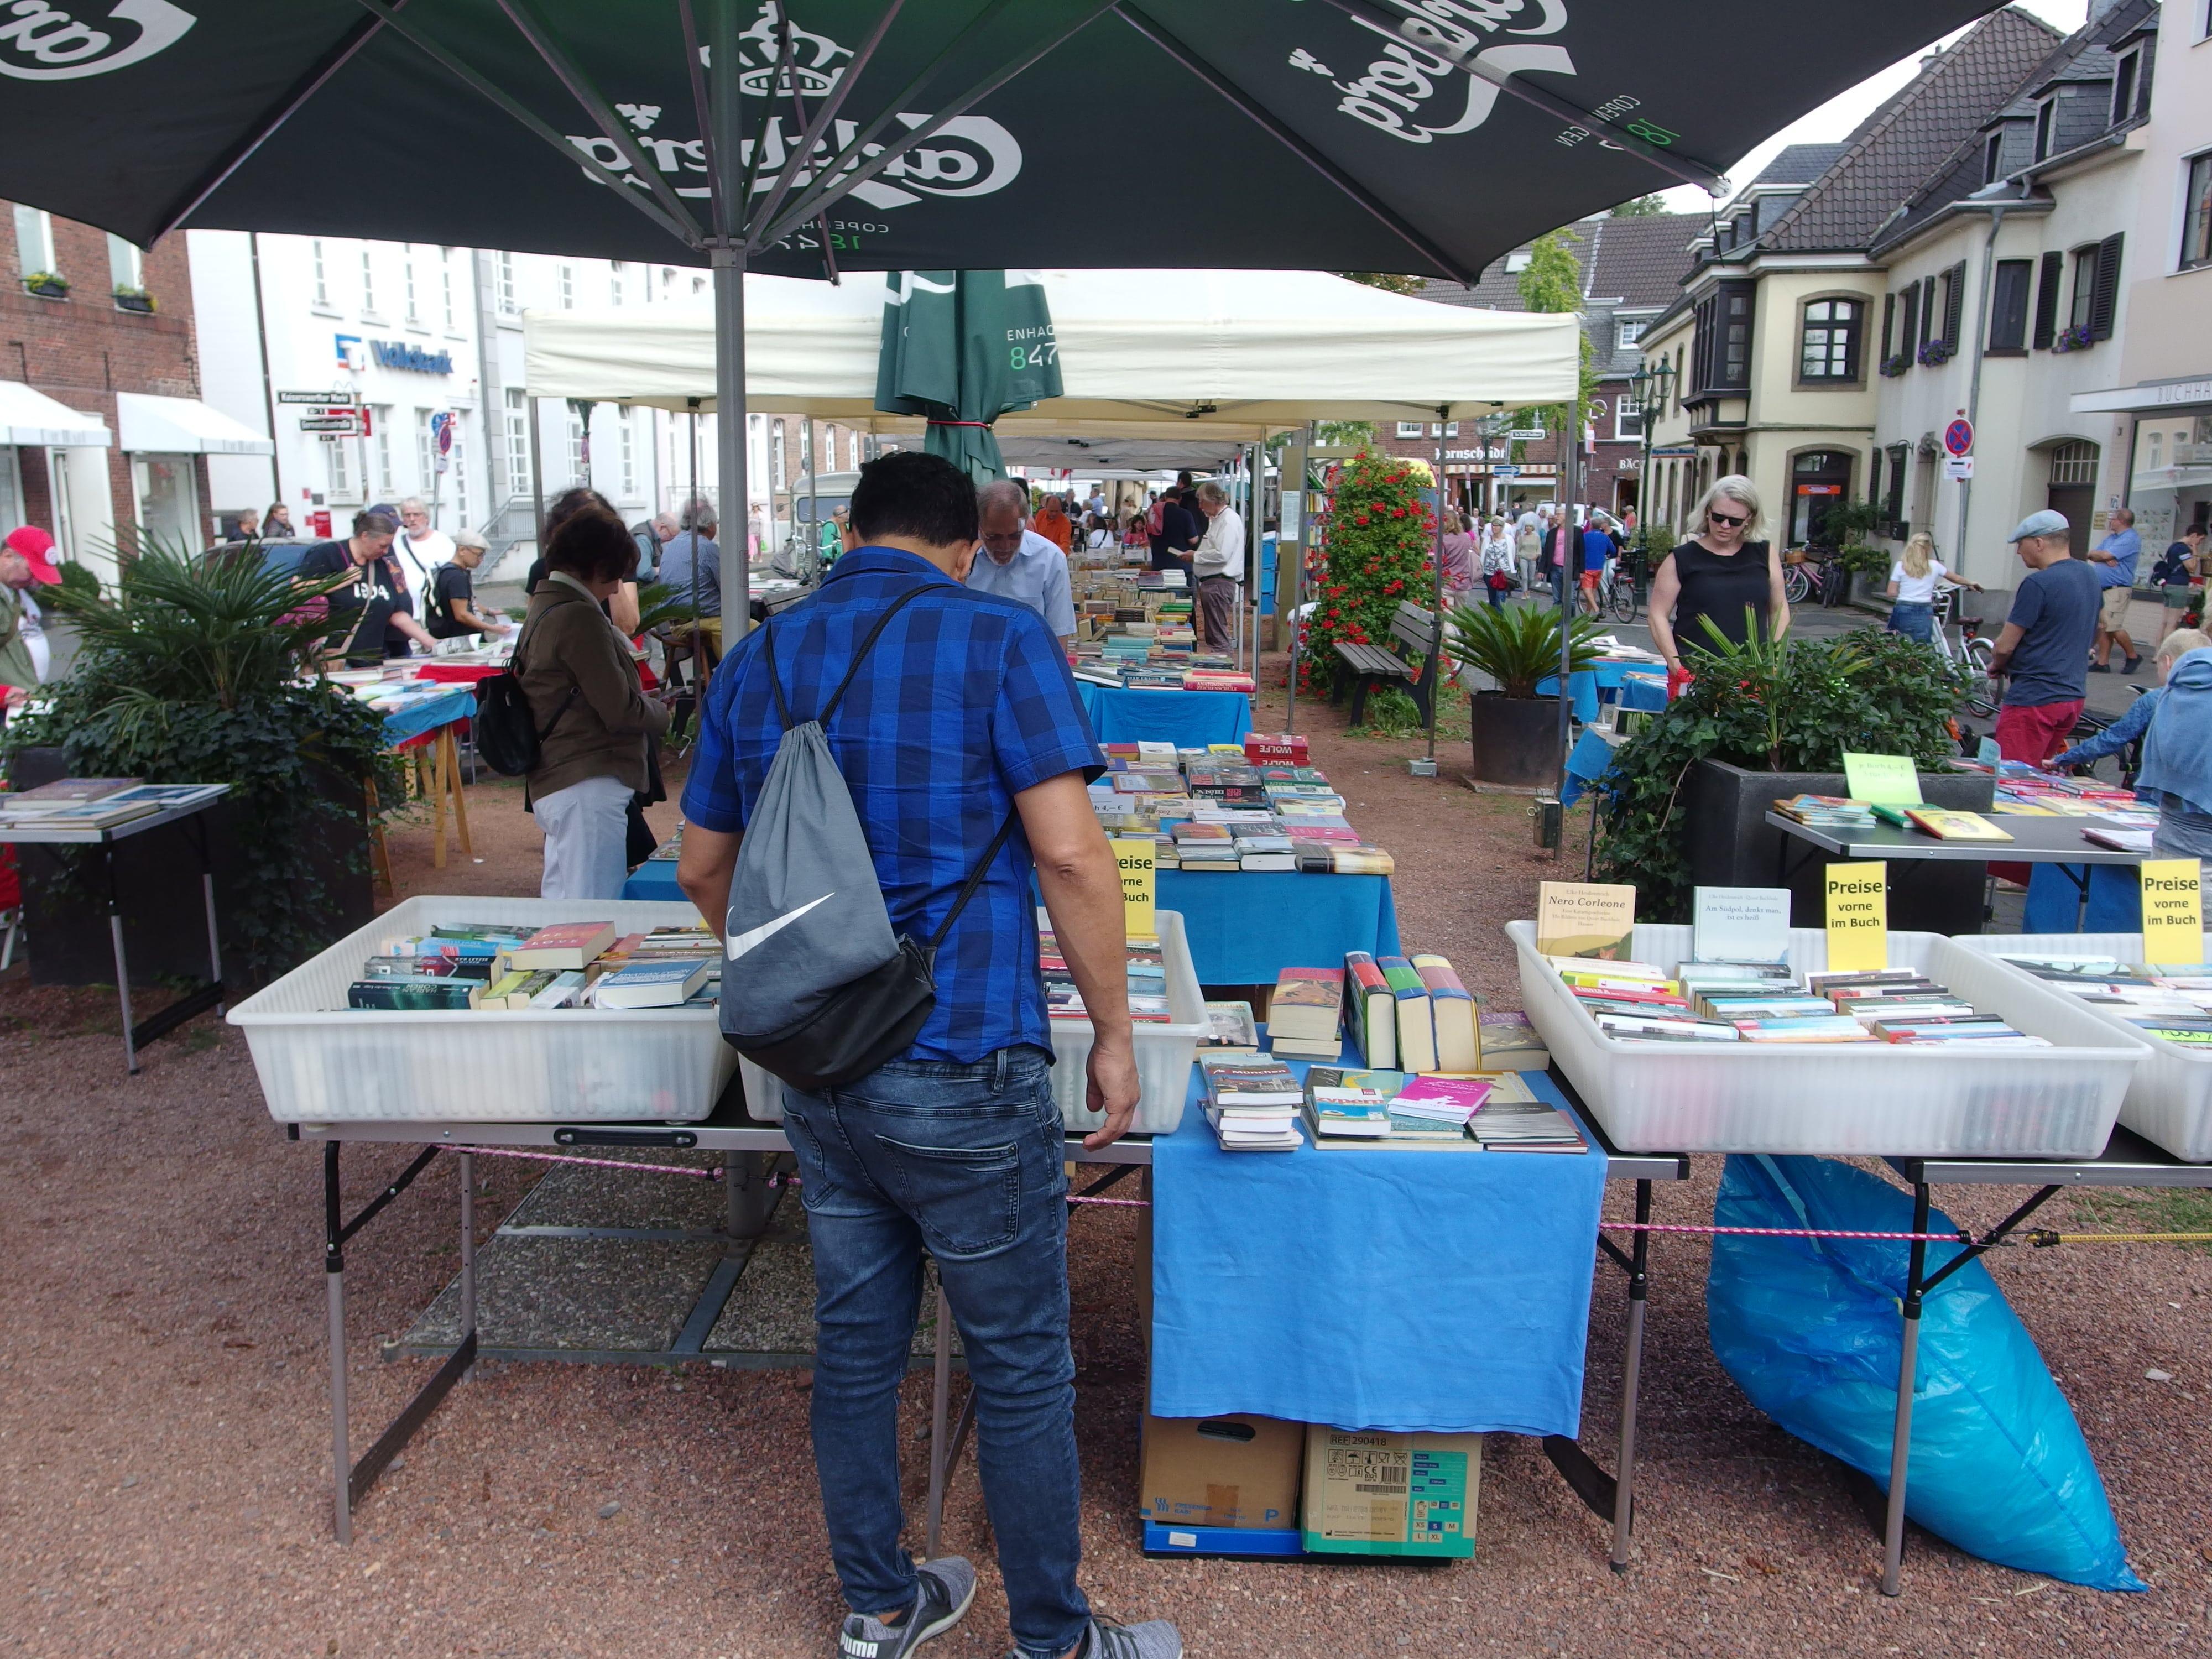 Der Kaiserswerther Markt lebt und blüht , wie hier beim Büchermarkt am 1. und 2. September, trotz sterbender Kastanien, holprigen Fahrbahnen und sich schon Jahrzehnte hinziehender Diskussionen über eine Umgestaltung, Park- und Verkehrsregelungen. Foto: SO